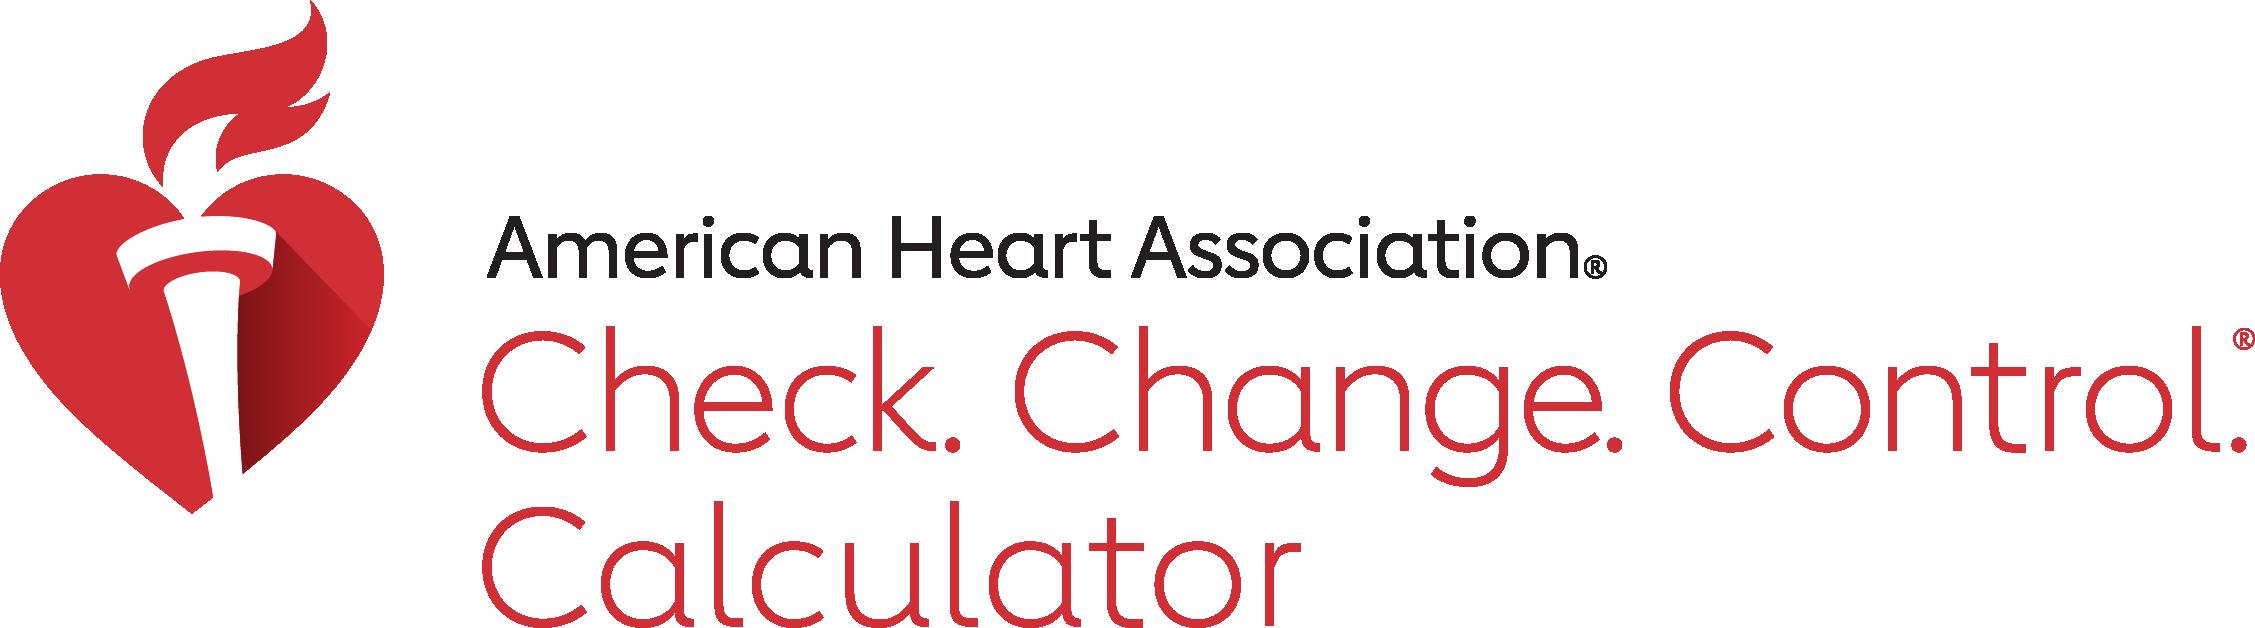 American Heart Association CCCCalculator Logo